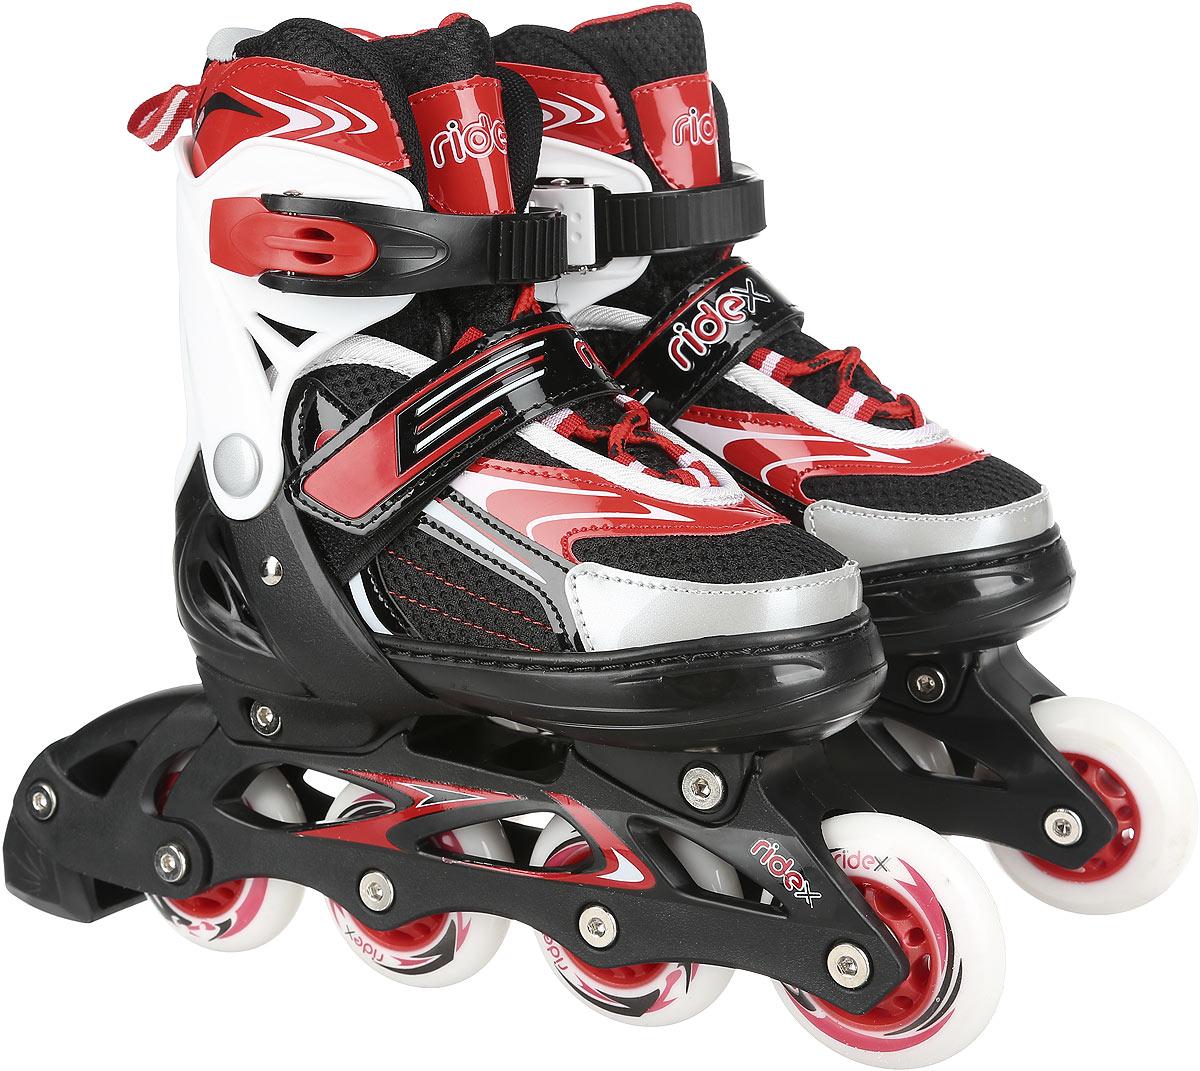 Коньки роликовые Ridex Target, раздвижные, цвет: черный, белый, красный. УТ-00008100. Размер 34/37